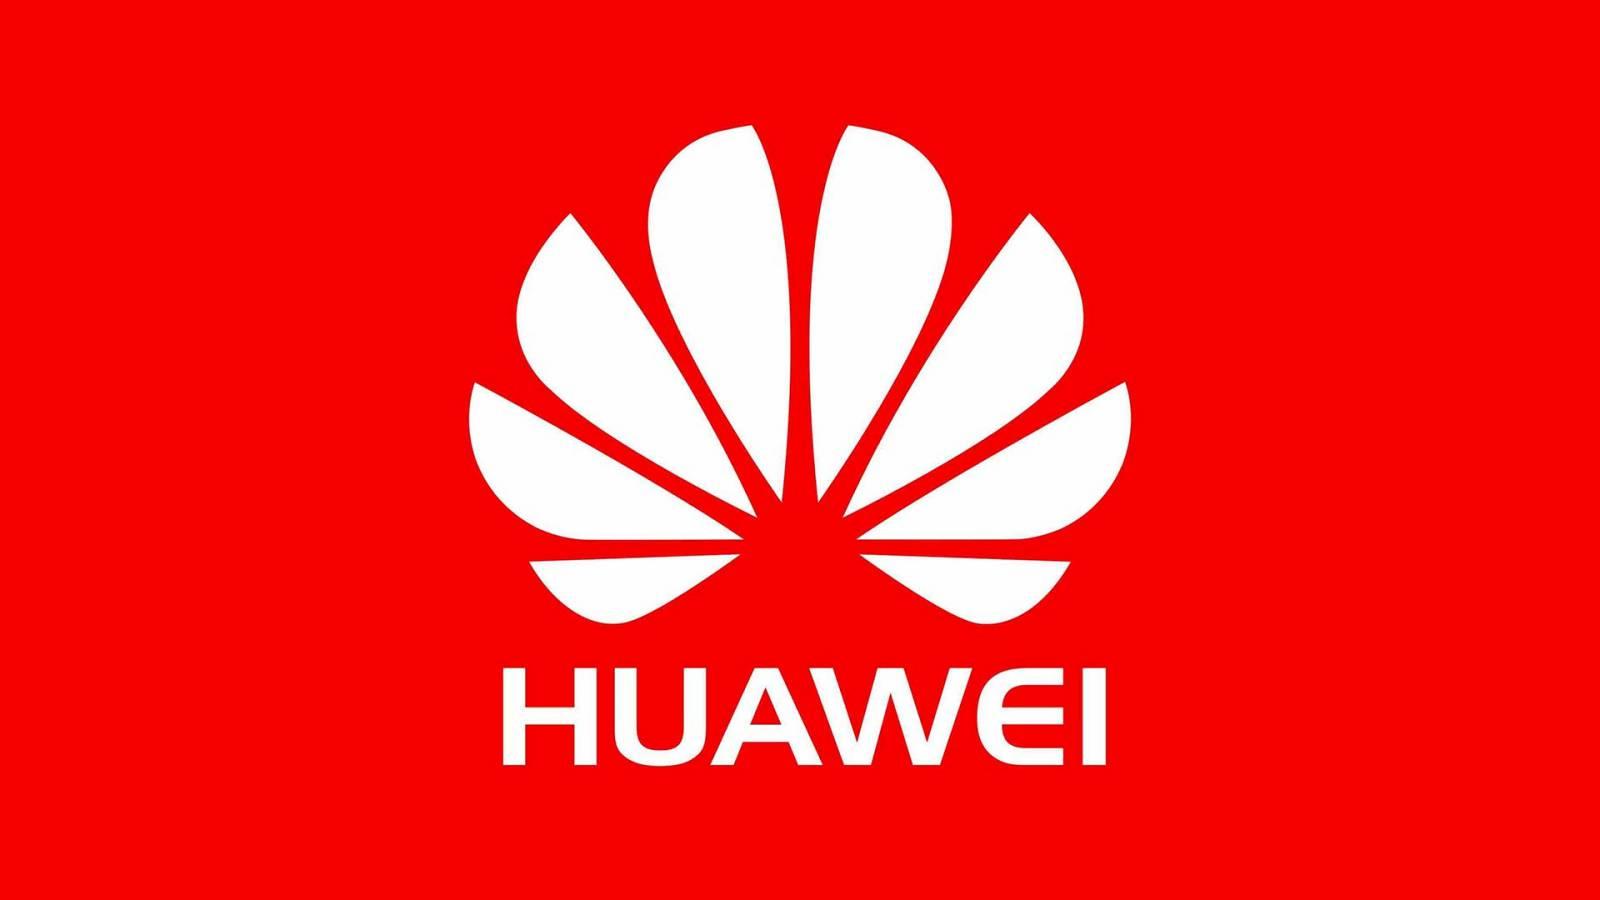 Huawei vanzare